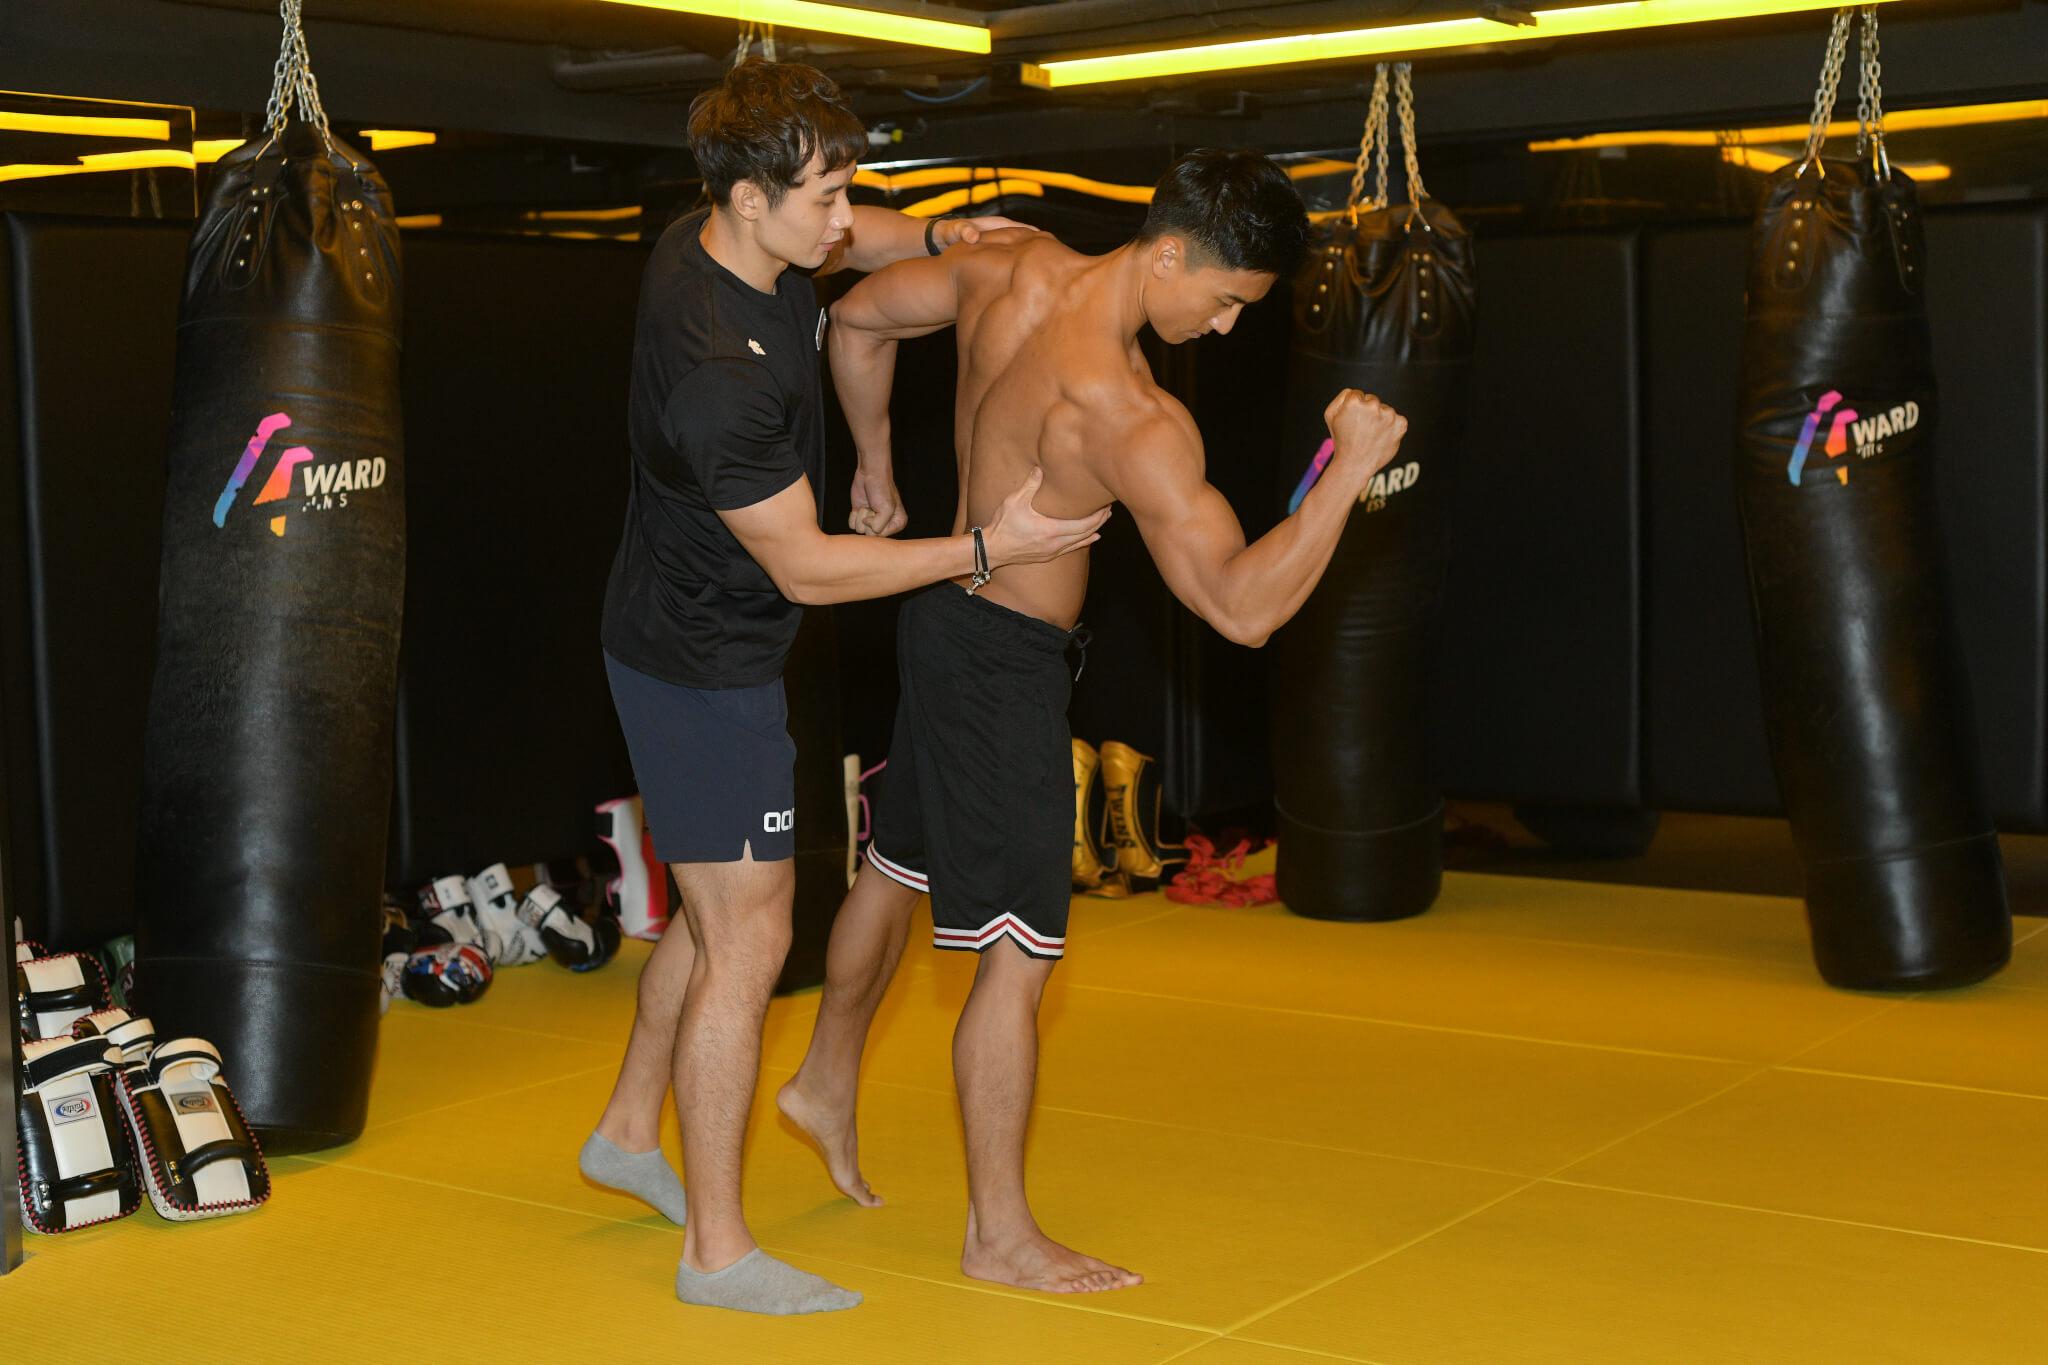 教練親自教導站在台上的甫士,要他盡量展現肌肉美。